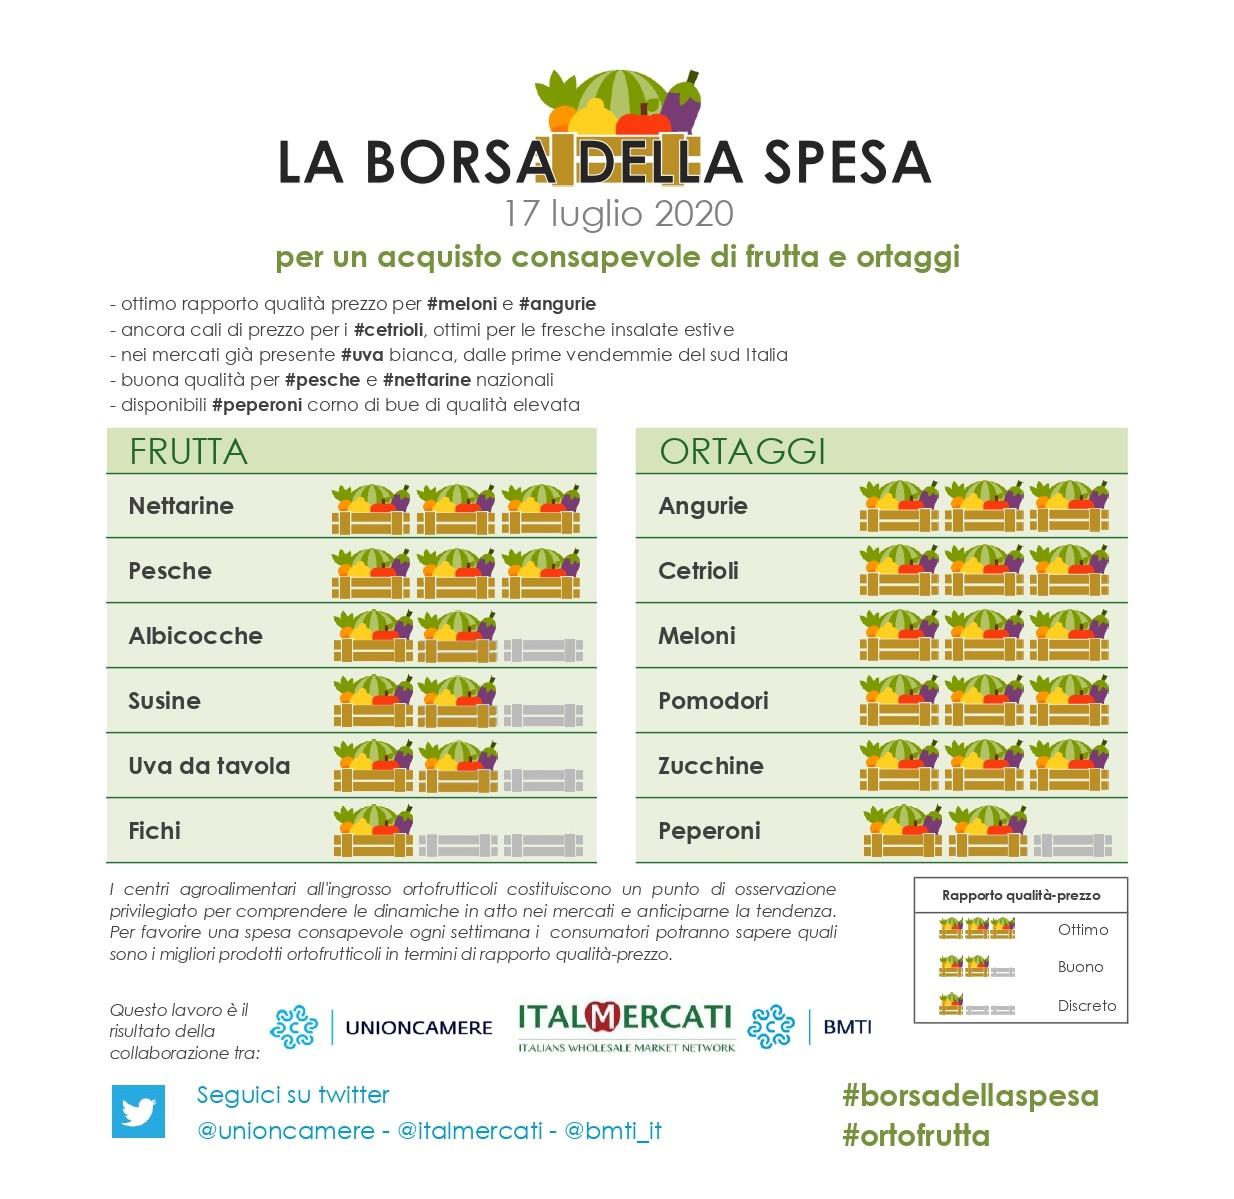 nella #borsadellaspesa di #ortofrutta di questa settimana 17 luglio: #angurie,  #cetrioli,  #meloni #pomodori #zucchine #nettarine  #pesche